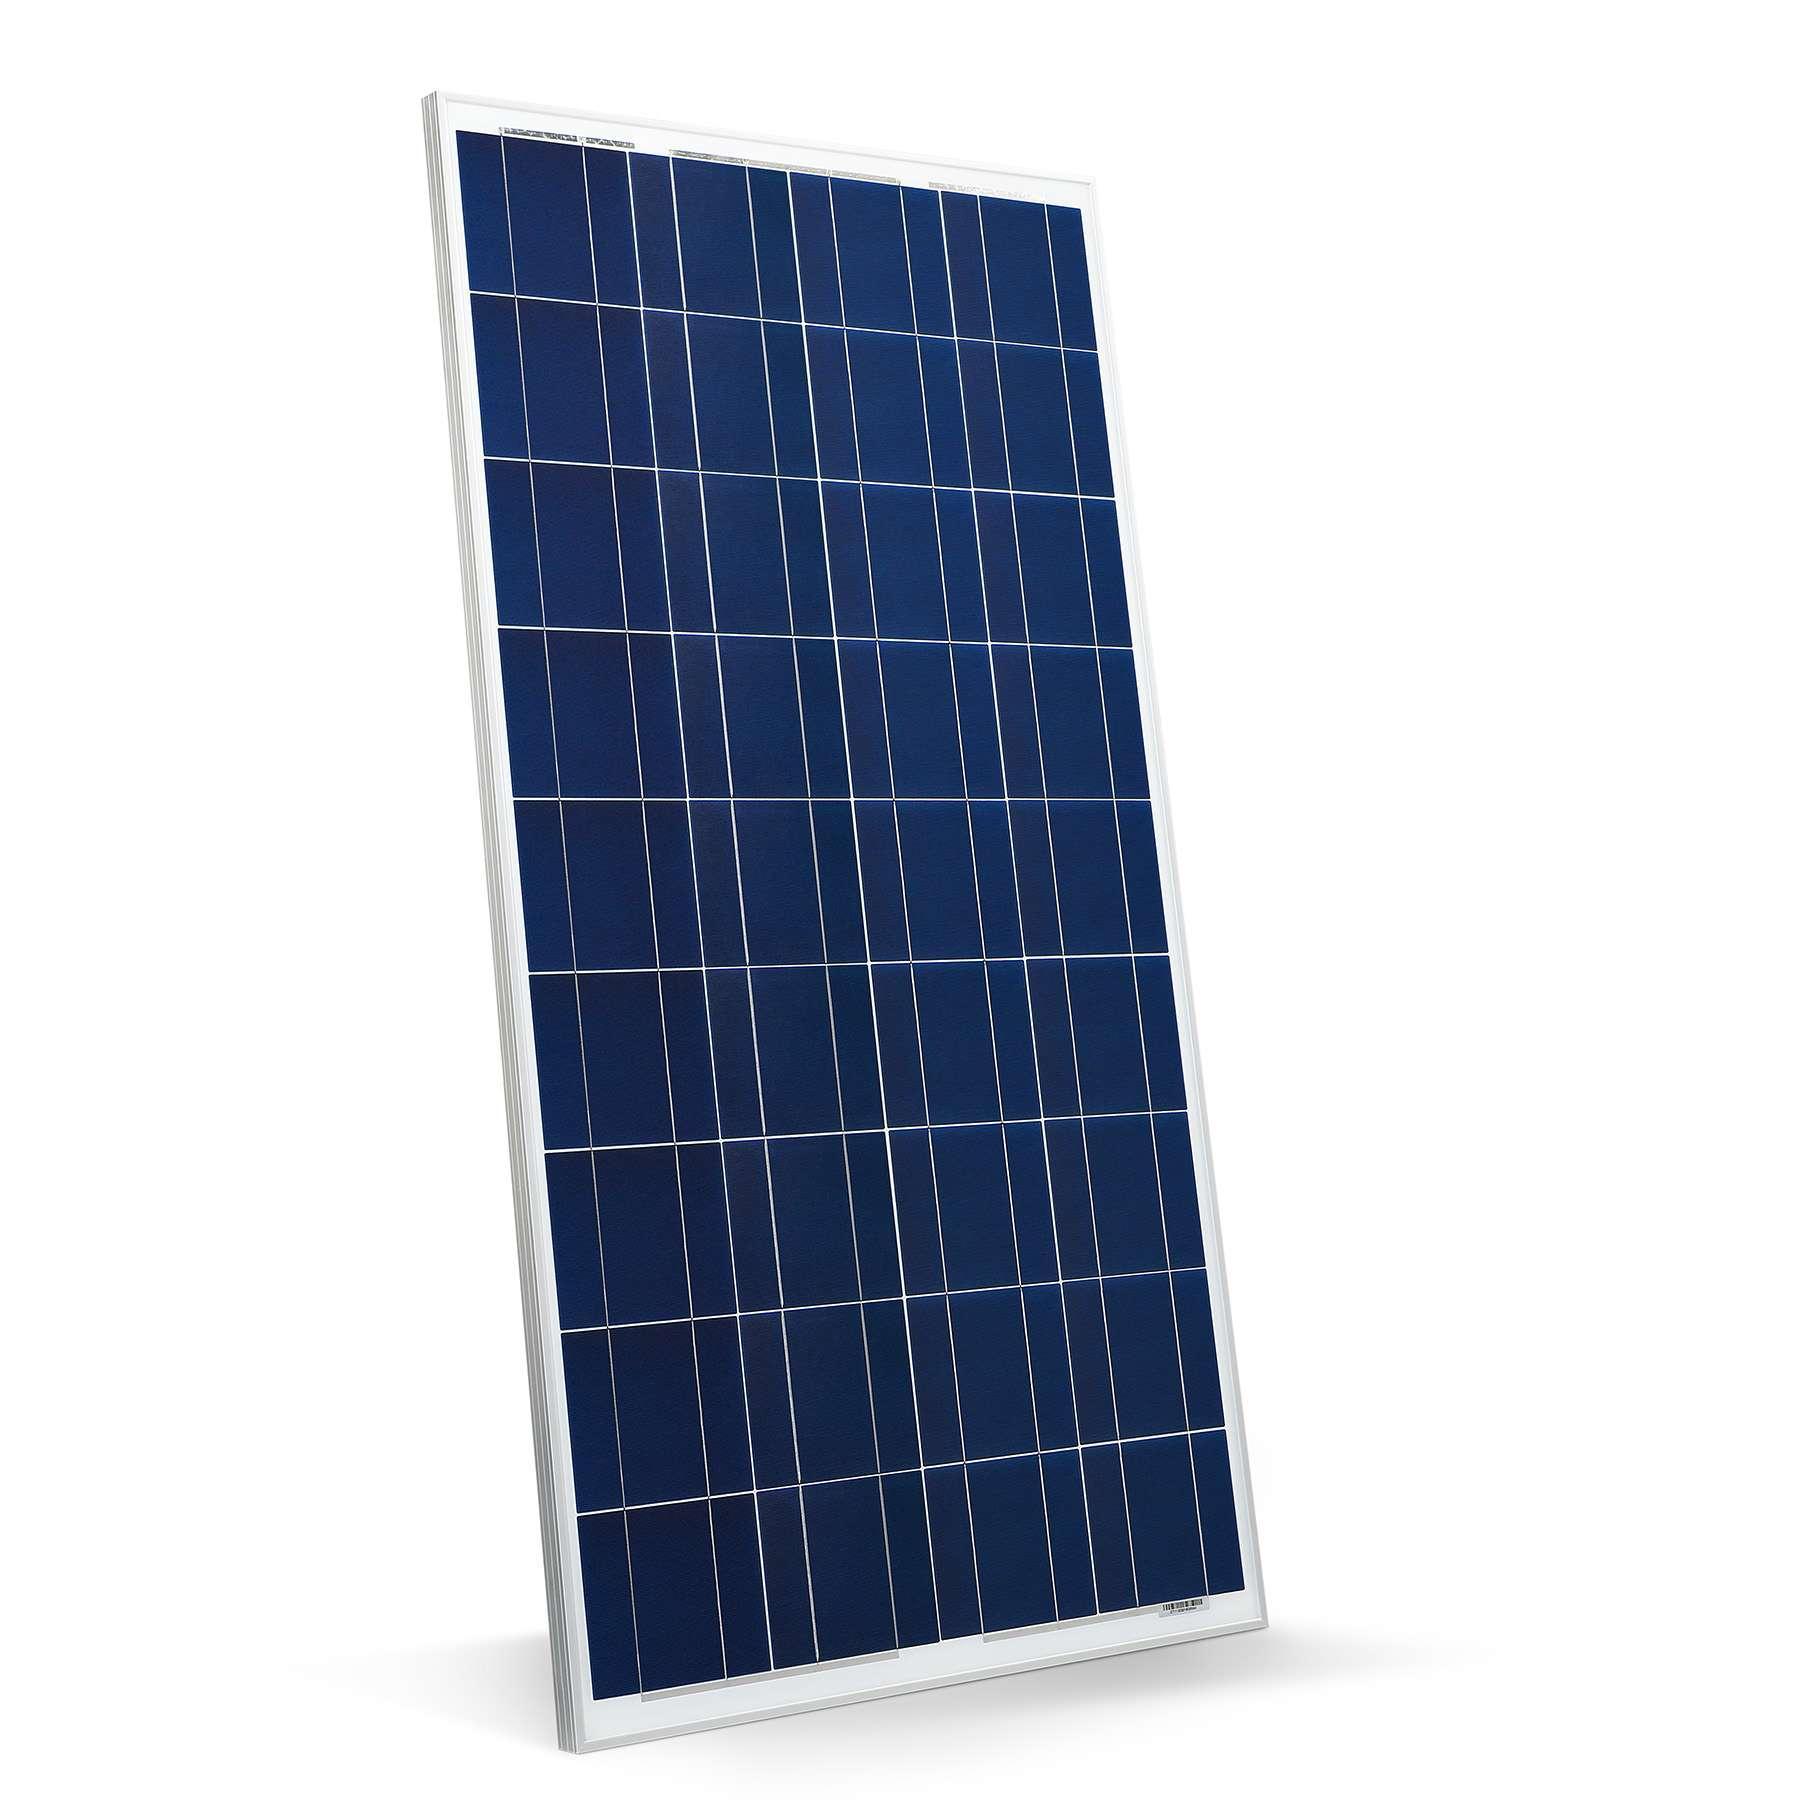 Tấm pin năng lượng mặt trời POLY  120W